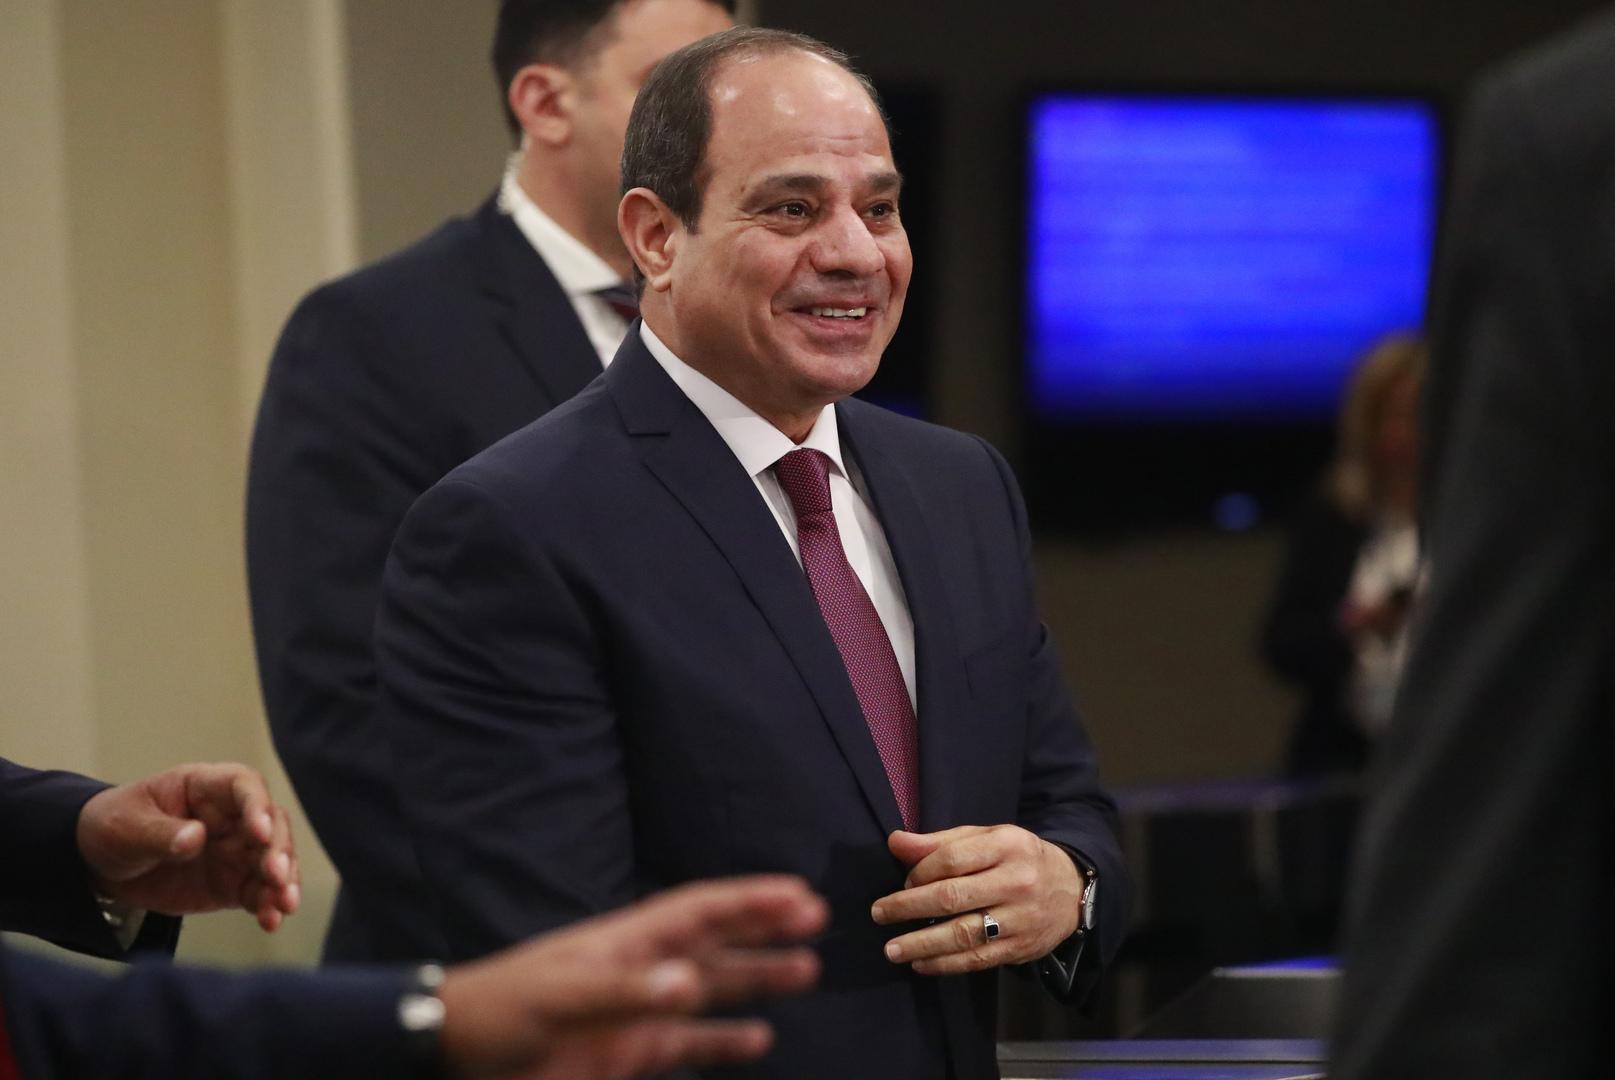 السيسي يتوقع وصول عدد سكان مصر إلى 193 مليون نسمة